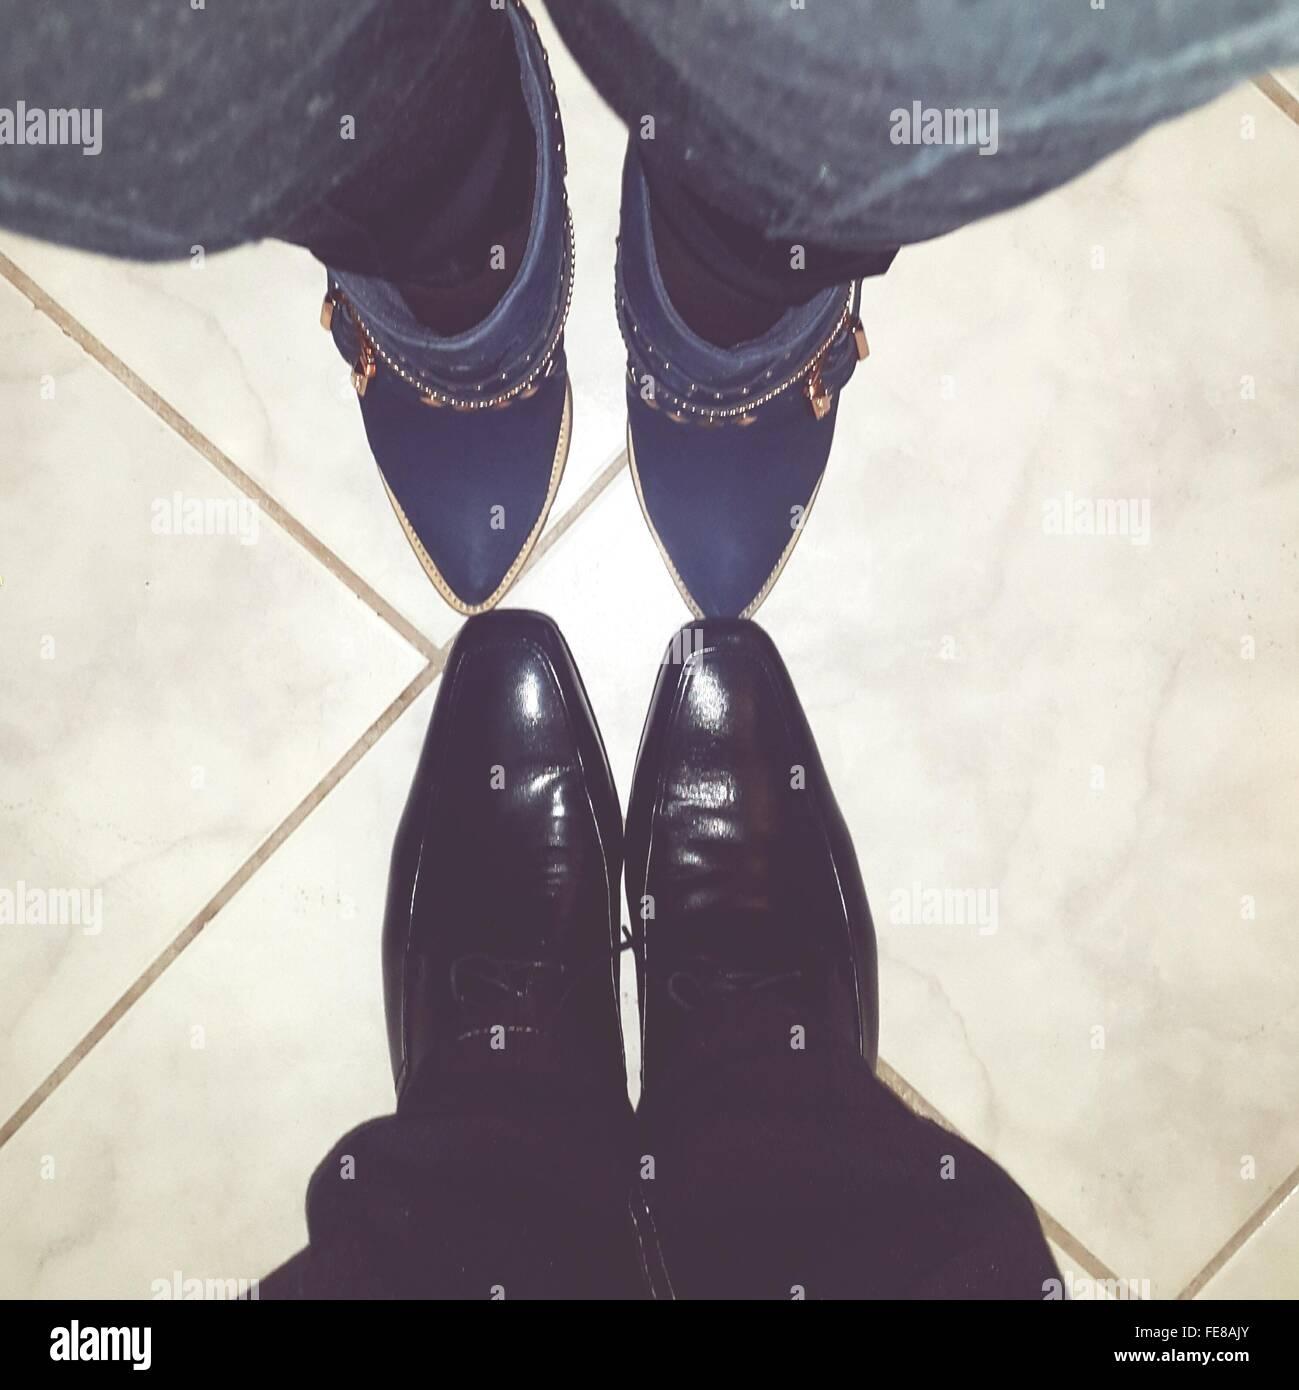 El hombre y la mujer en las piernas, uno frente a otro Imagen De Stock